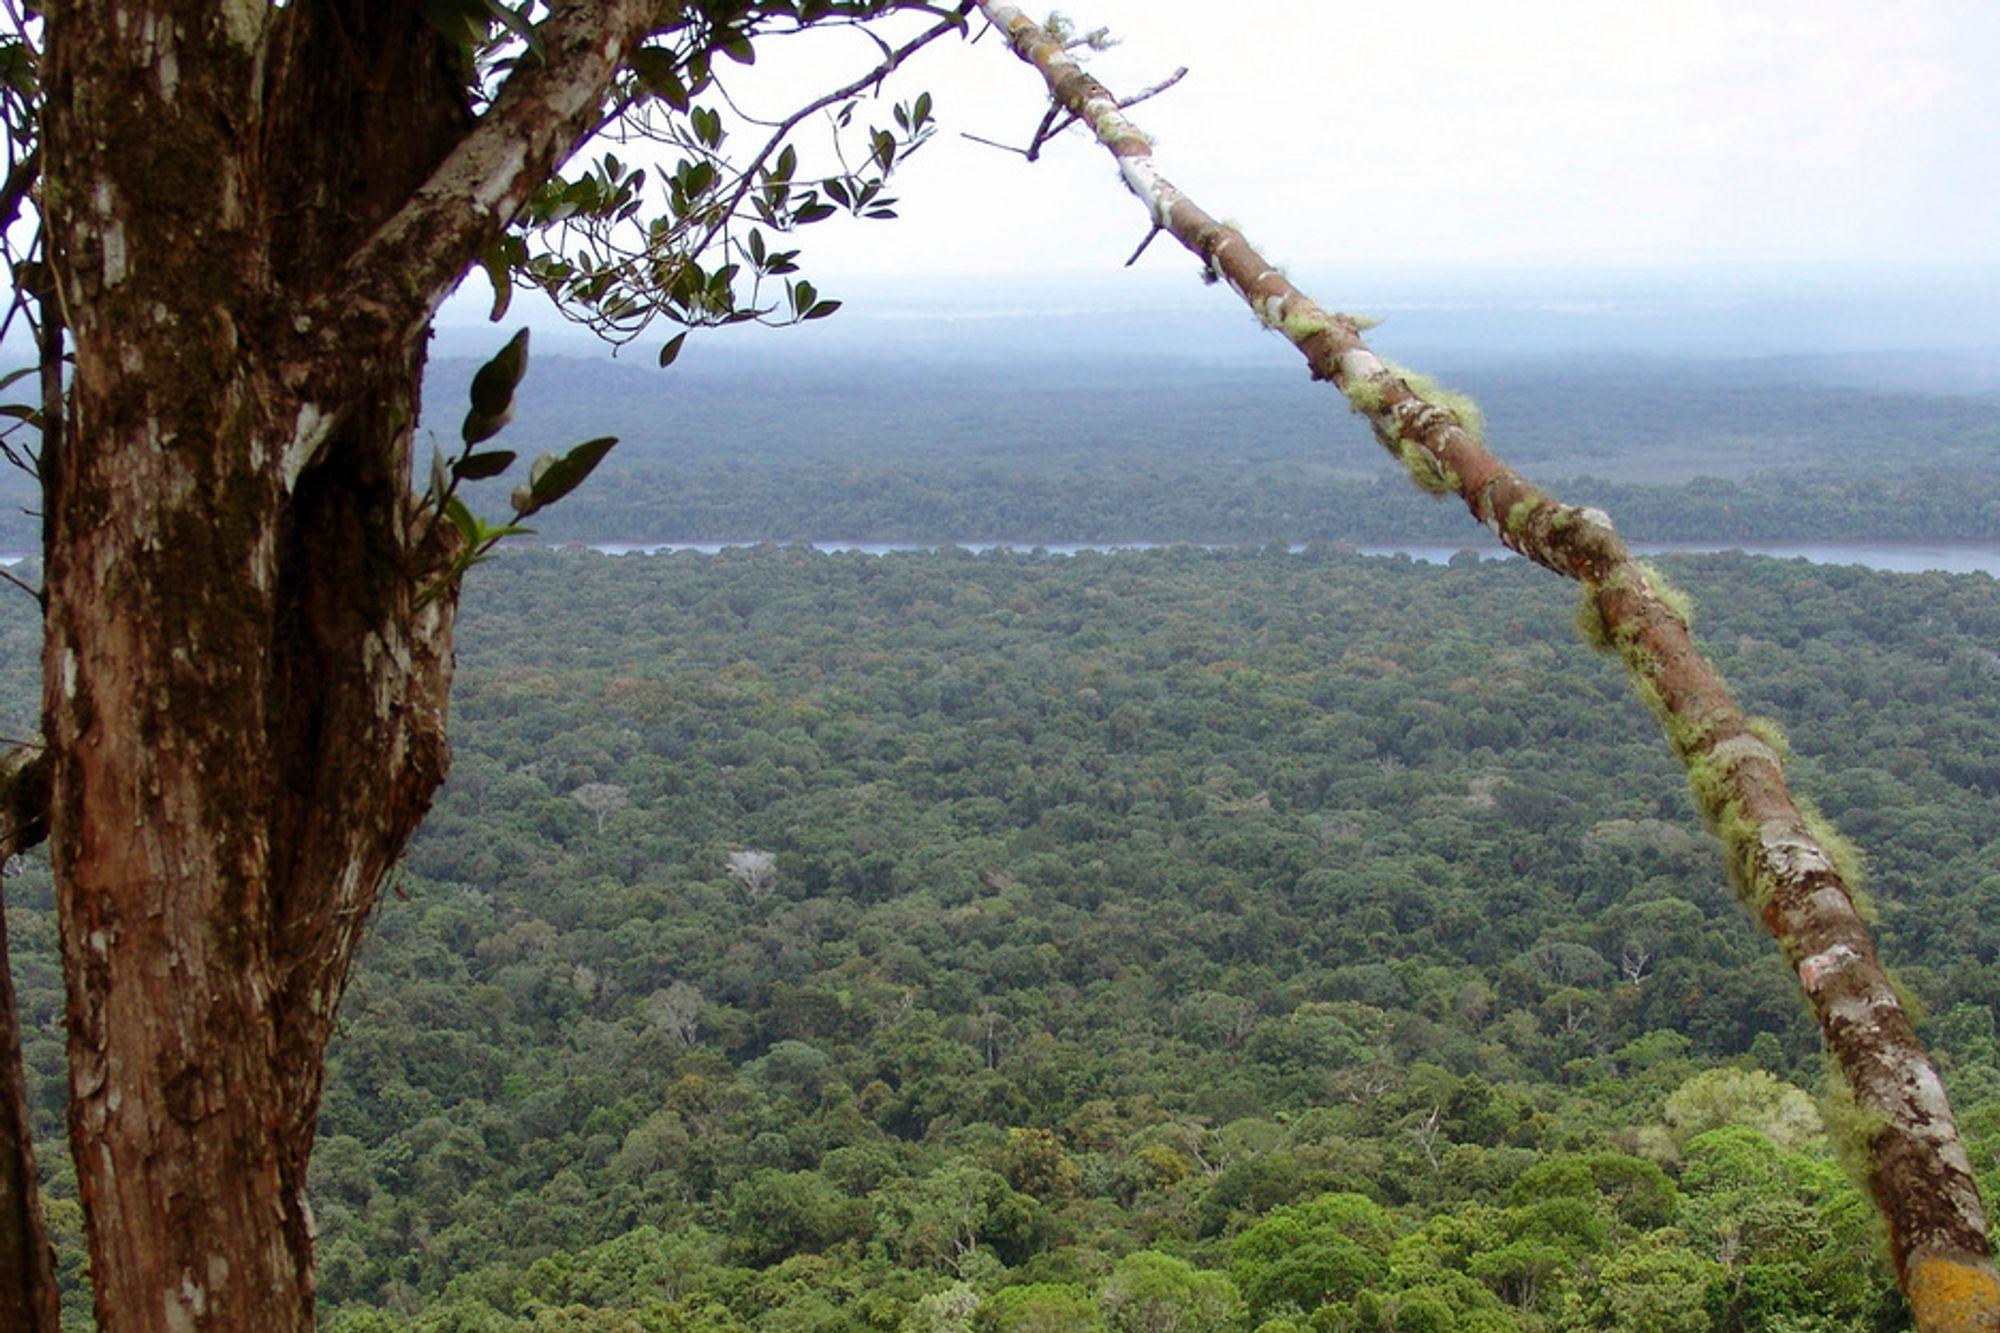 Å kutte ned regnskogen i Amazonas gir ingen langsiktige gevinster for verken befolkningen eller miljøet, viser studie.